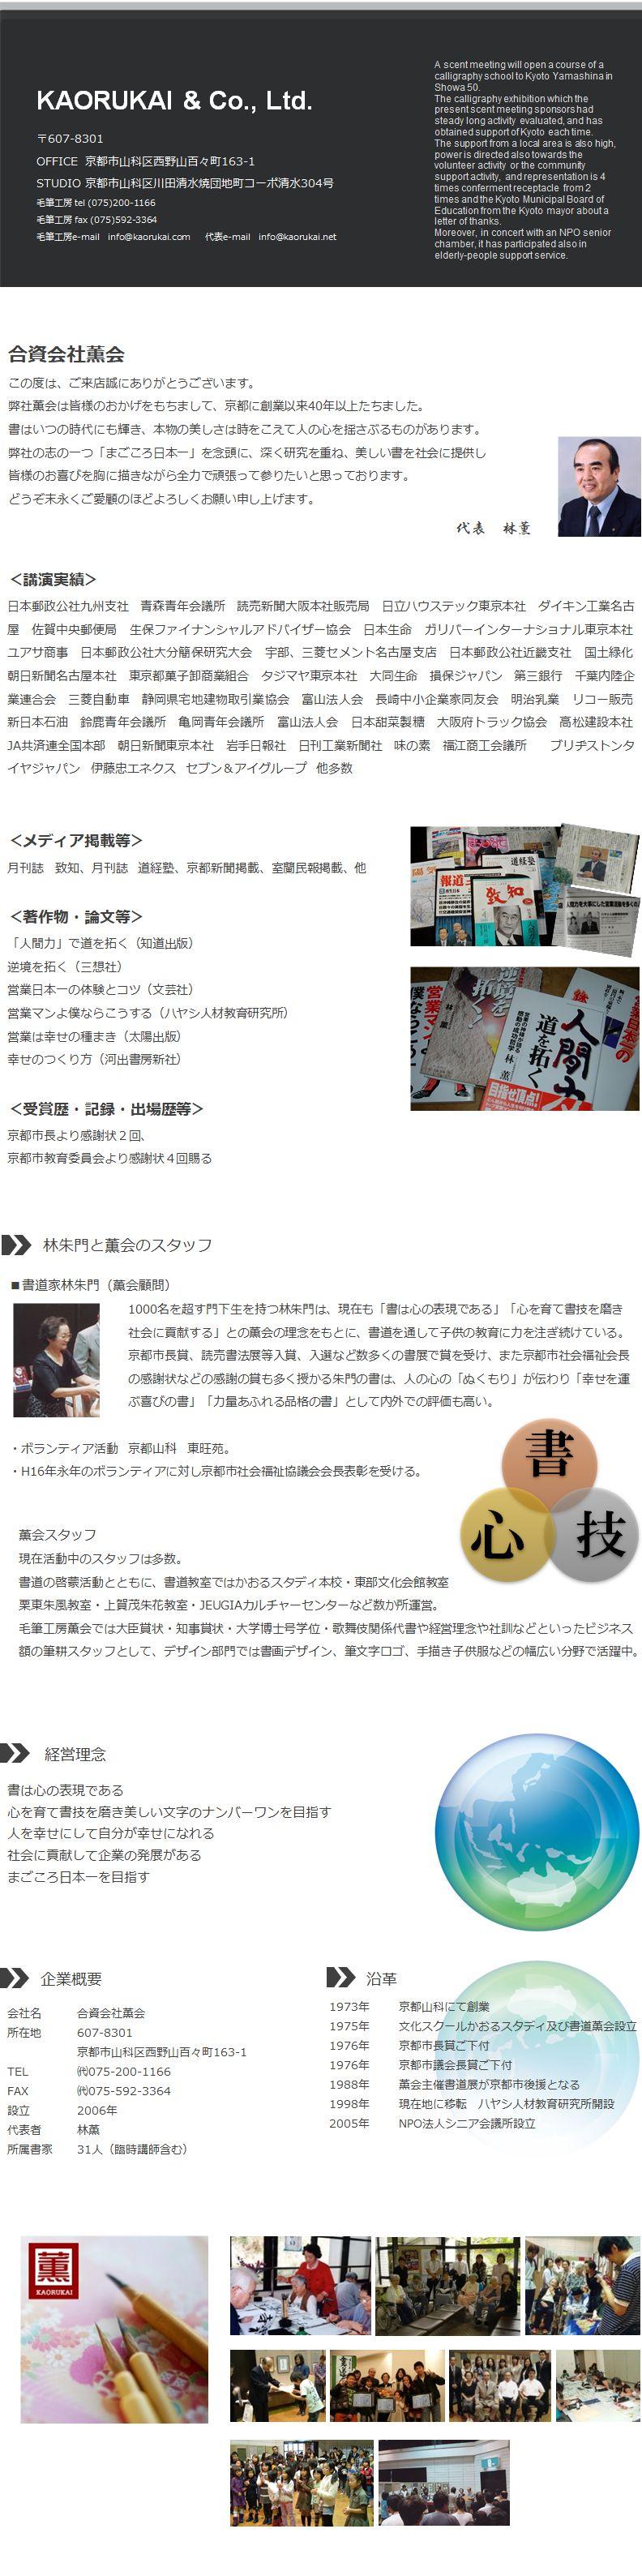 弊社薫会は皆様のおかげをもちまして、京都に創業以来40年以上たちました。 書はいつの時代にも輝き、本物の美しさは時をこえて人の心を揺さぶるものがあります。 弊社の志の一つ「まごころ日本一」を念頭に、深く研究を重ね、美しい書を社会に提供し 皆様のお喜びを胸に描きながら全力で頑張って参りたいと思っております。 どうぞ末永くご愛顧のほどよろしくお願い申し上げます。 <受賞歴・記録・出場歴等> 京都市長より感謝状2回、 京都市教育委員会より感謝状4回賜る 書道家林朱門(薫会顧問)           1000名を超す門下生を持つ林朱門は、現在も「書は心の表現である」「心を育て書技を磨き           社会に貢献する」との薫会の理念をもとに、書道を通して子供の教育に力を注ぎ続けている。           京都市長賞、読売書法展等入賞、入選など数多くの書展で賞を受け、また京都市社会福祉会長           の感謝状などの感謝の賞も多く授かる朱門の書は、人の心の「ぬくもり」が伝わり「幸せを運           ぶ喜びの書」「力量あふれる品格の書」として内外での評価も高い。  ・ボランティア活動 京都山科 東旺苑。 ・H16年永年のボランティアに対し京都市社会福祉協議会会長表彰を受ける。  現在活動中のスタッフは多数。 書道の啓蒙活動とともに、書道教室ではかおるスタディ本校・東部文化会館教室 栗東朱風教室・上賀茂朱花教室・JEUGIAカルチャーセンターなど数か所運営。 毛筆工房薫会では大臣賞状・知事賞状・大学博士号学位・歌舞伎関係代書や経営理念や社訓などといったビジネス額の筆耕スタッフとして、デザイン部門では書画デザイン、筆文字ロゴ、手描き子供服などの幅広い分野で活躍中。 <講演実績> 日本郵政公社九州支社 青森青年会議所 読売新聞大阪本社販売局 日立ハウステック東京本社 ダイキン工業名古屋 佐賀中央郵便局 生保ファイナンシャルアドバイザー協会 日本生命 ガリバーインターナショナル東京本社 ユアサ商事 日本郵政公社大分簡保研究大会 宇部、三菱セメント名古屋支店 日本郵政公社近畿支社 国土緑化 朝日新聞名古屋本社 東京都菓子卸商業組合 タジマヤ東京本社 大同生命 損保ジャパン 第三銀行 千葉内陸企業連合会 三菱自動車 静岡県宅地建物取引業協会 富山法人会 長崎中小企業家同友会 明治乳業 リコー販売 新日本石油 鈴鹿青年会議所 亀岡青年会議所 富山法人会 日本甜菜製糖 大阪府トラック協会 高松建設本社 JA共済連全国本部 ブリヂストンタイヤジャパン 伊藤忠エネクス セブン&アイグループ 他多数